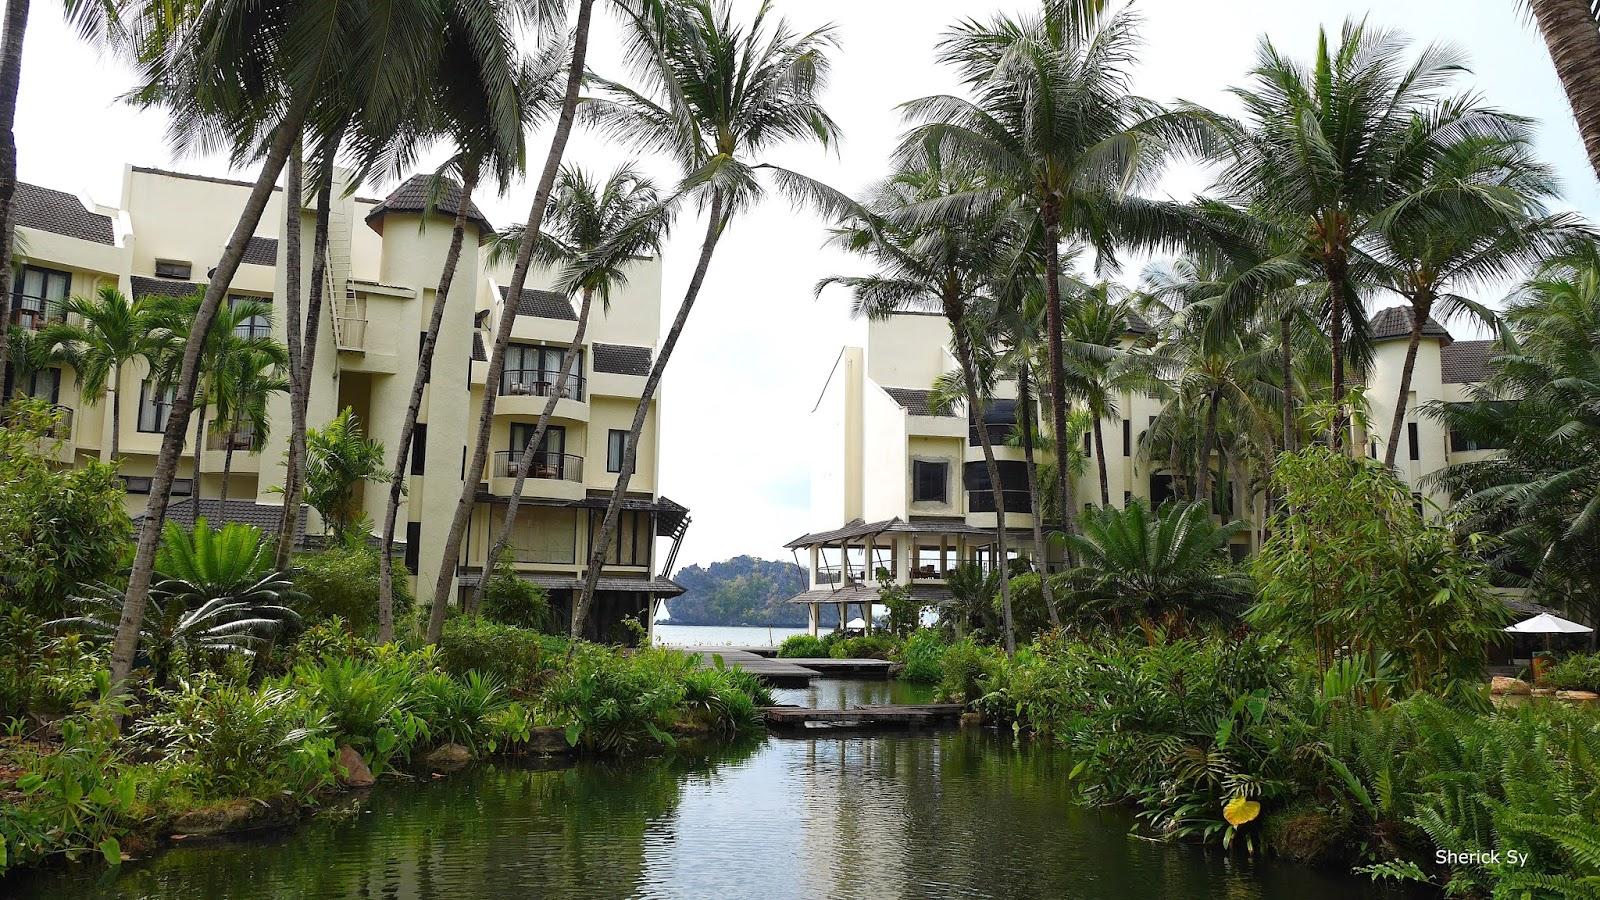 Tanjung Rhu Resort, Langkawi, Malaysia